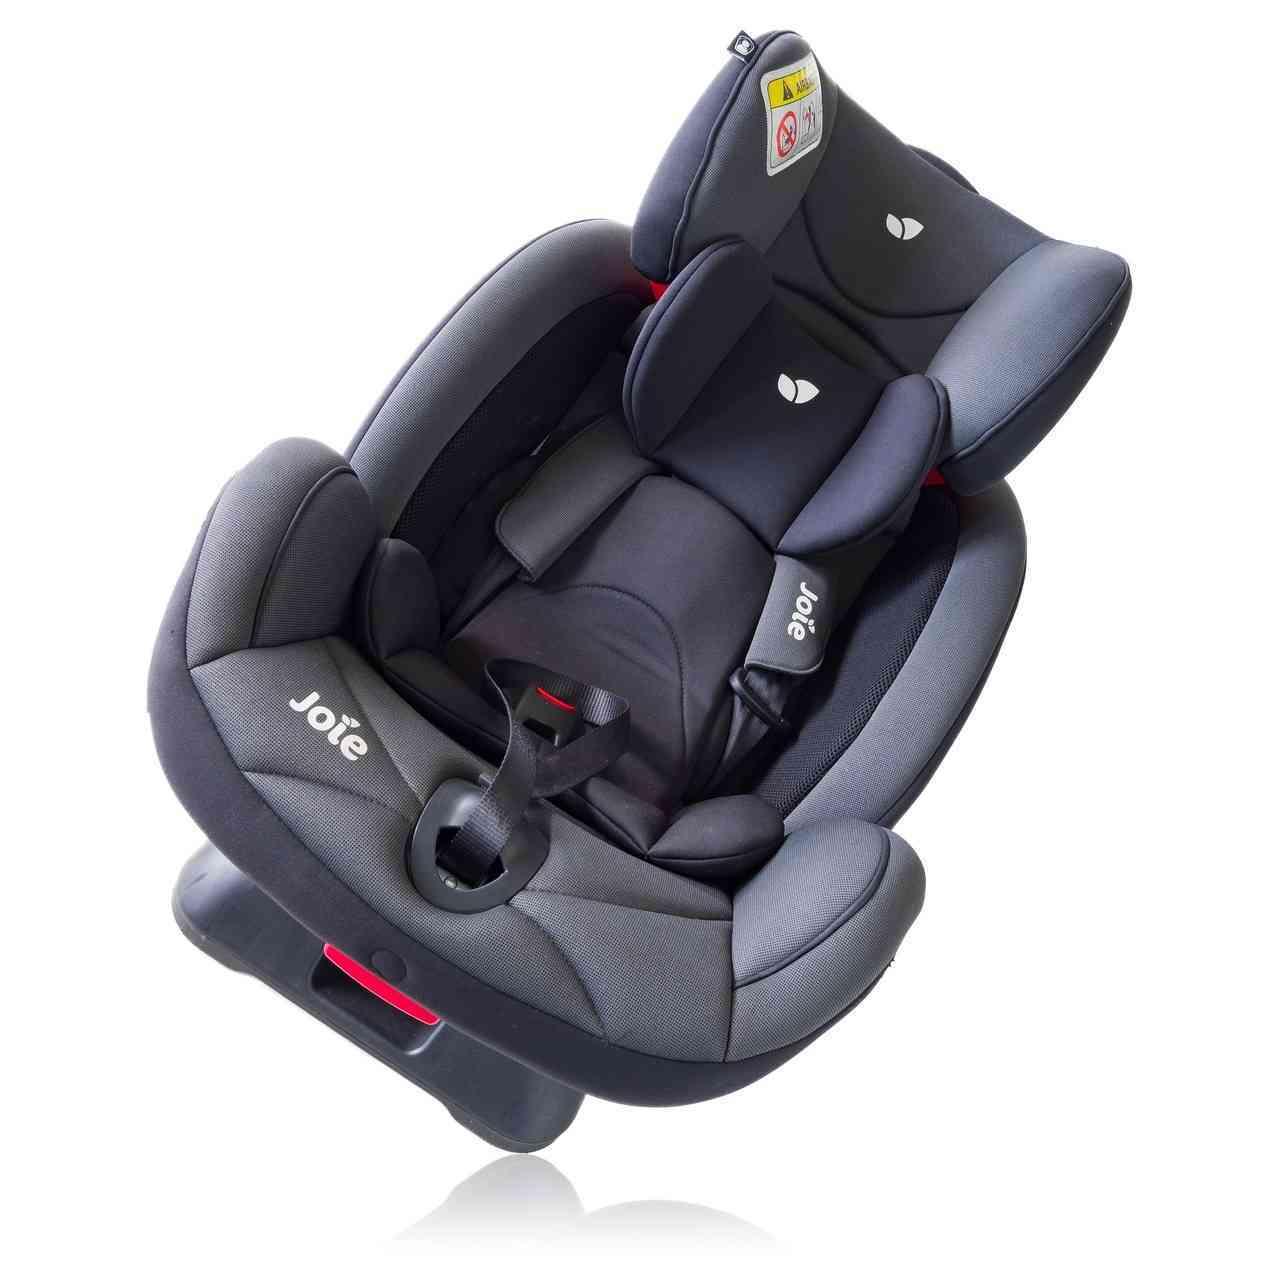 Los asientos infantiles 3